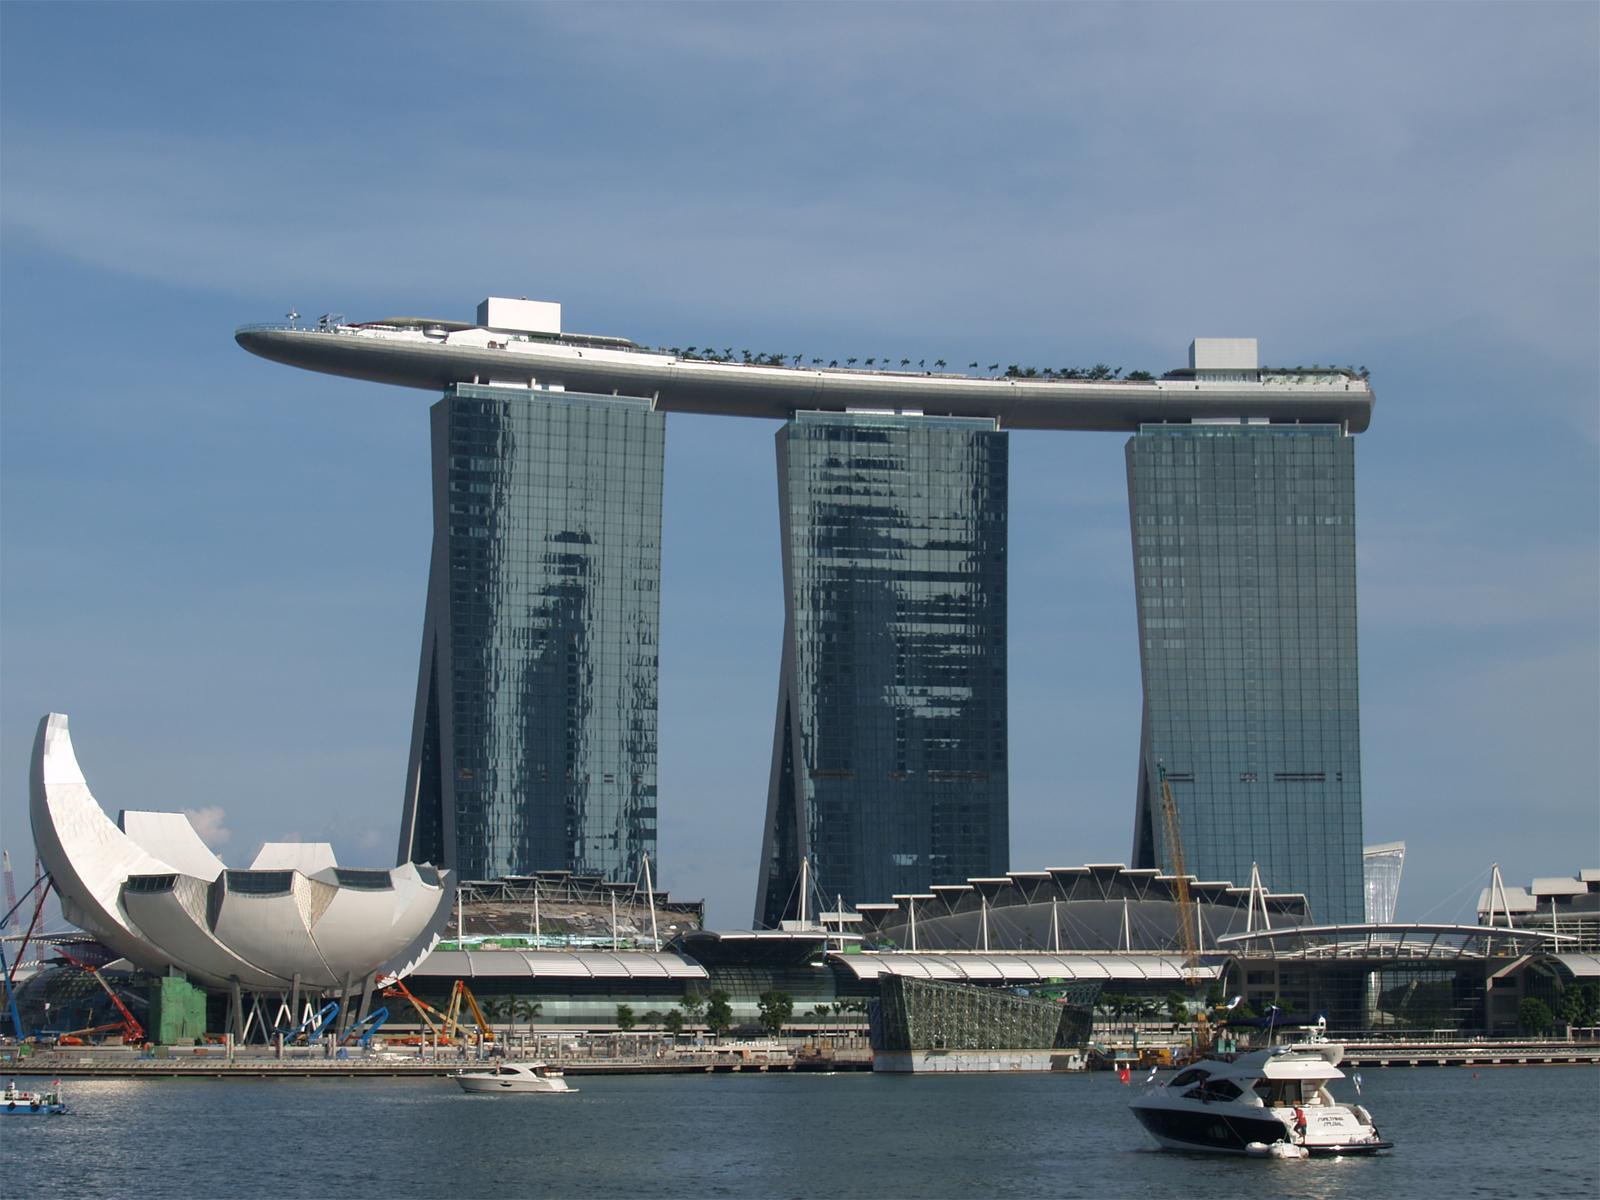 シンガポールの雨季を楽しむ!おすすめの観光情報や気温・服装をチェック!